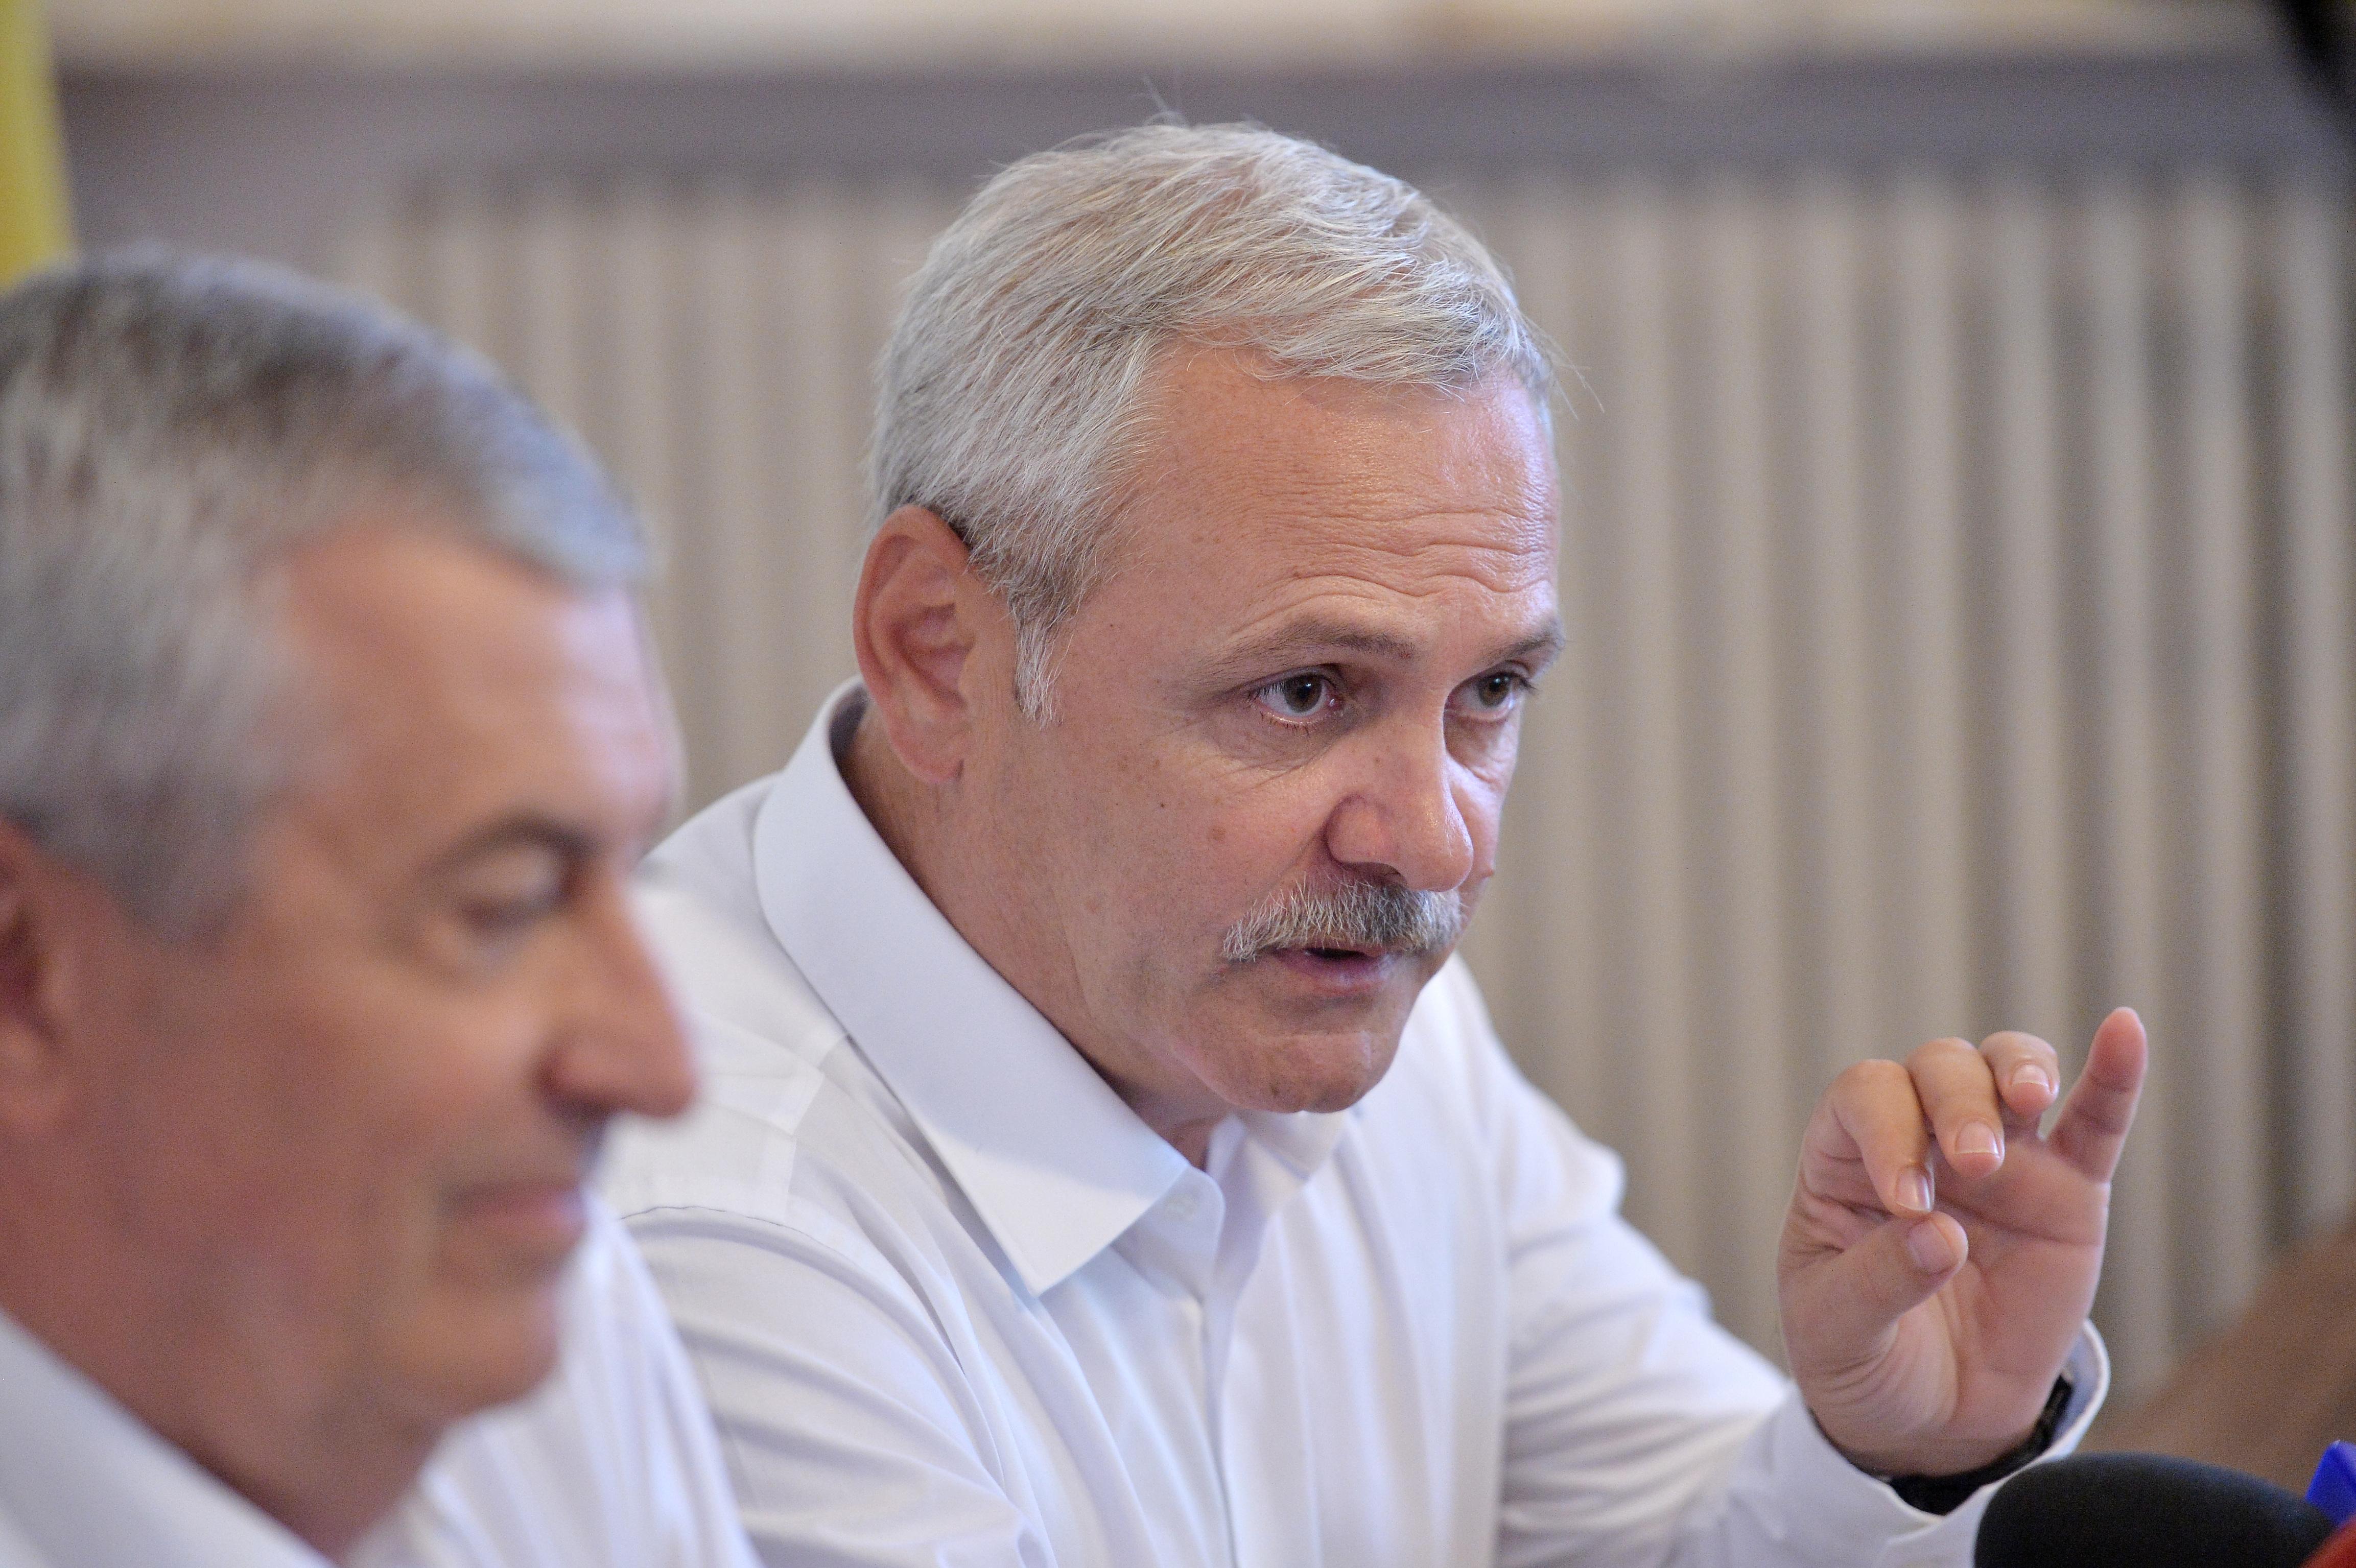 USR cere demisiile lui Liviu Dragnea şi Călin Popescu Tăriceanu de la conducerea Parlamentului